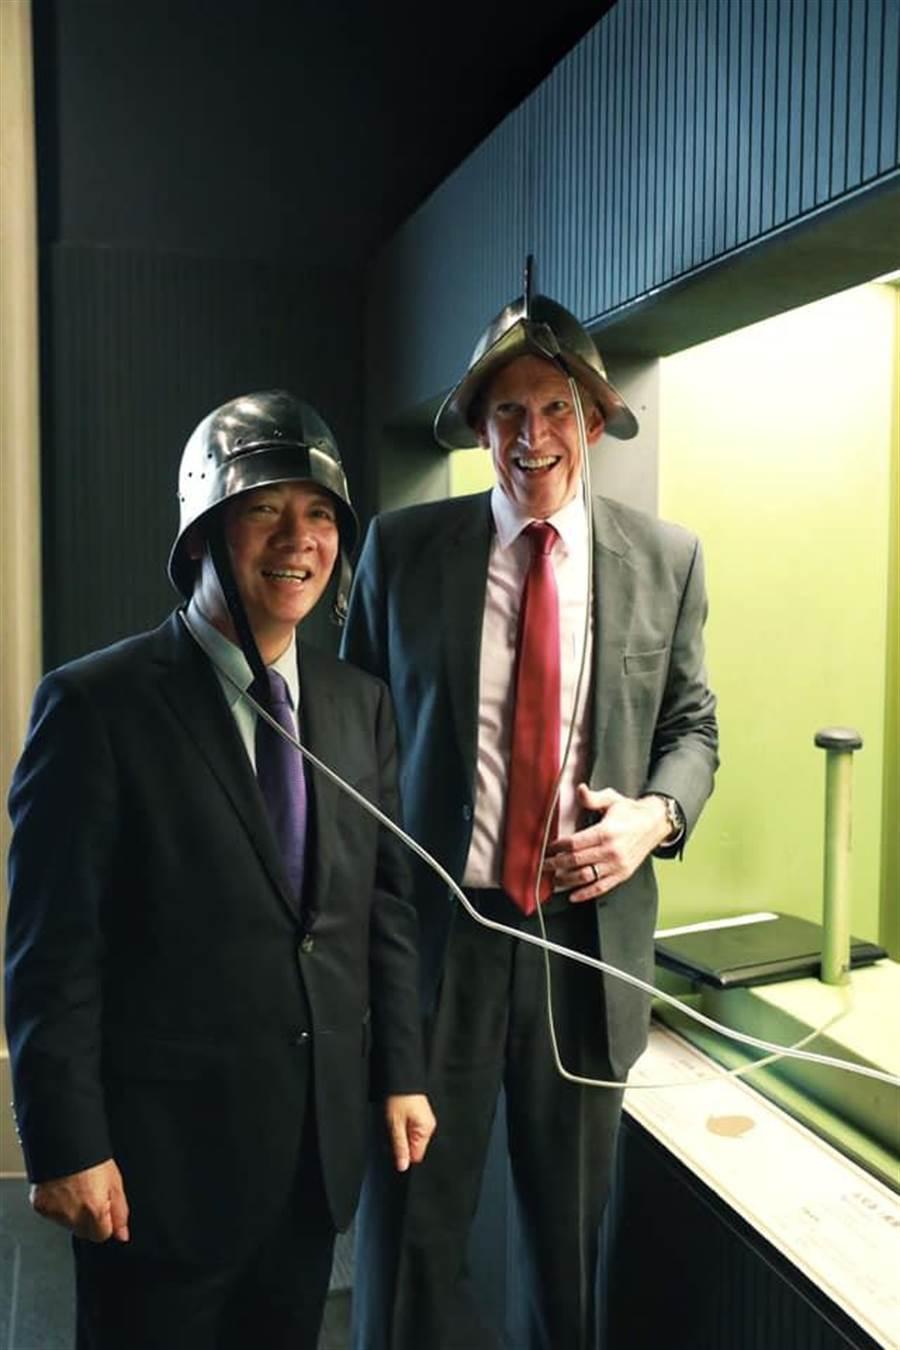 賴清德在臉書還放上他跟莫健一起體驗仿古頭盔,網友大呼「可愛」。摘自賴清德臉書